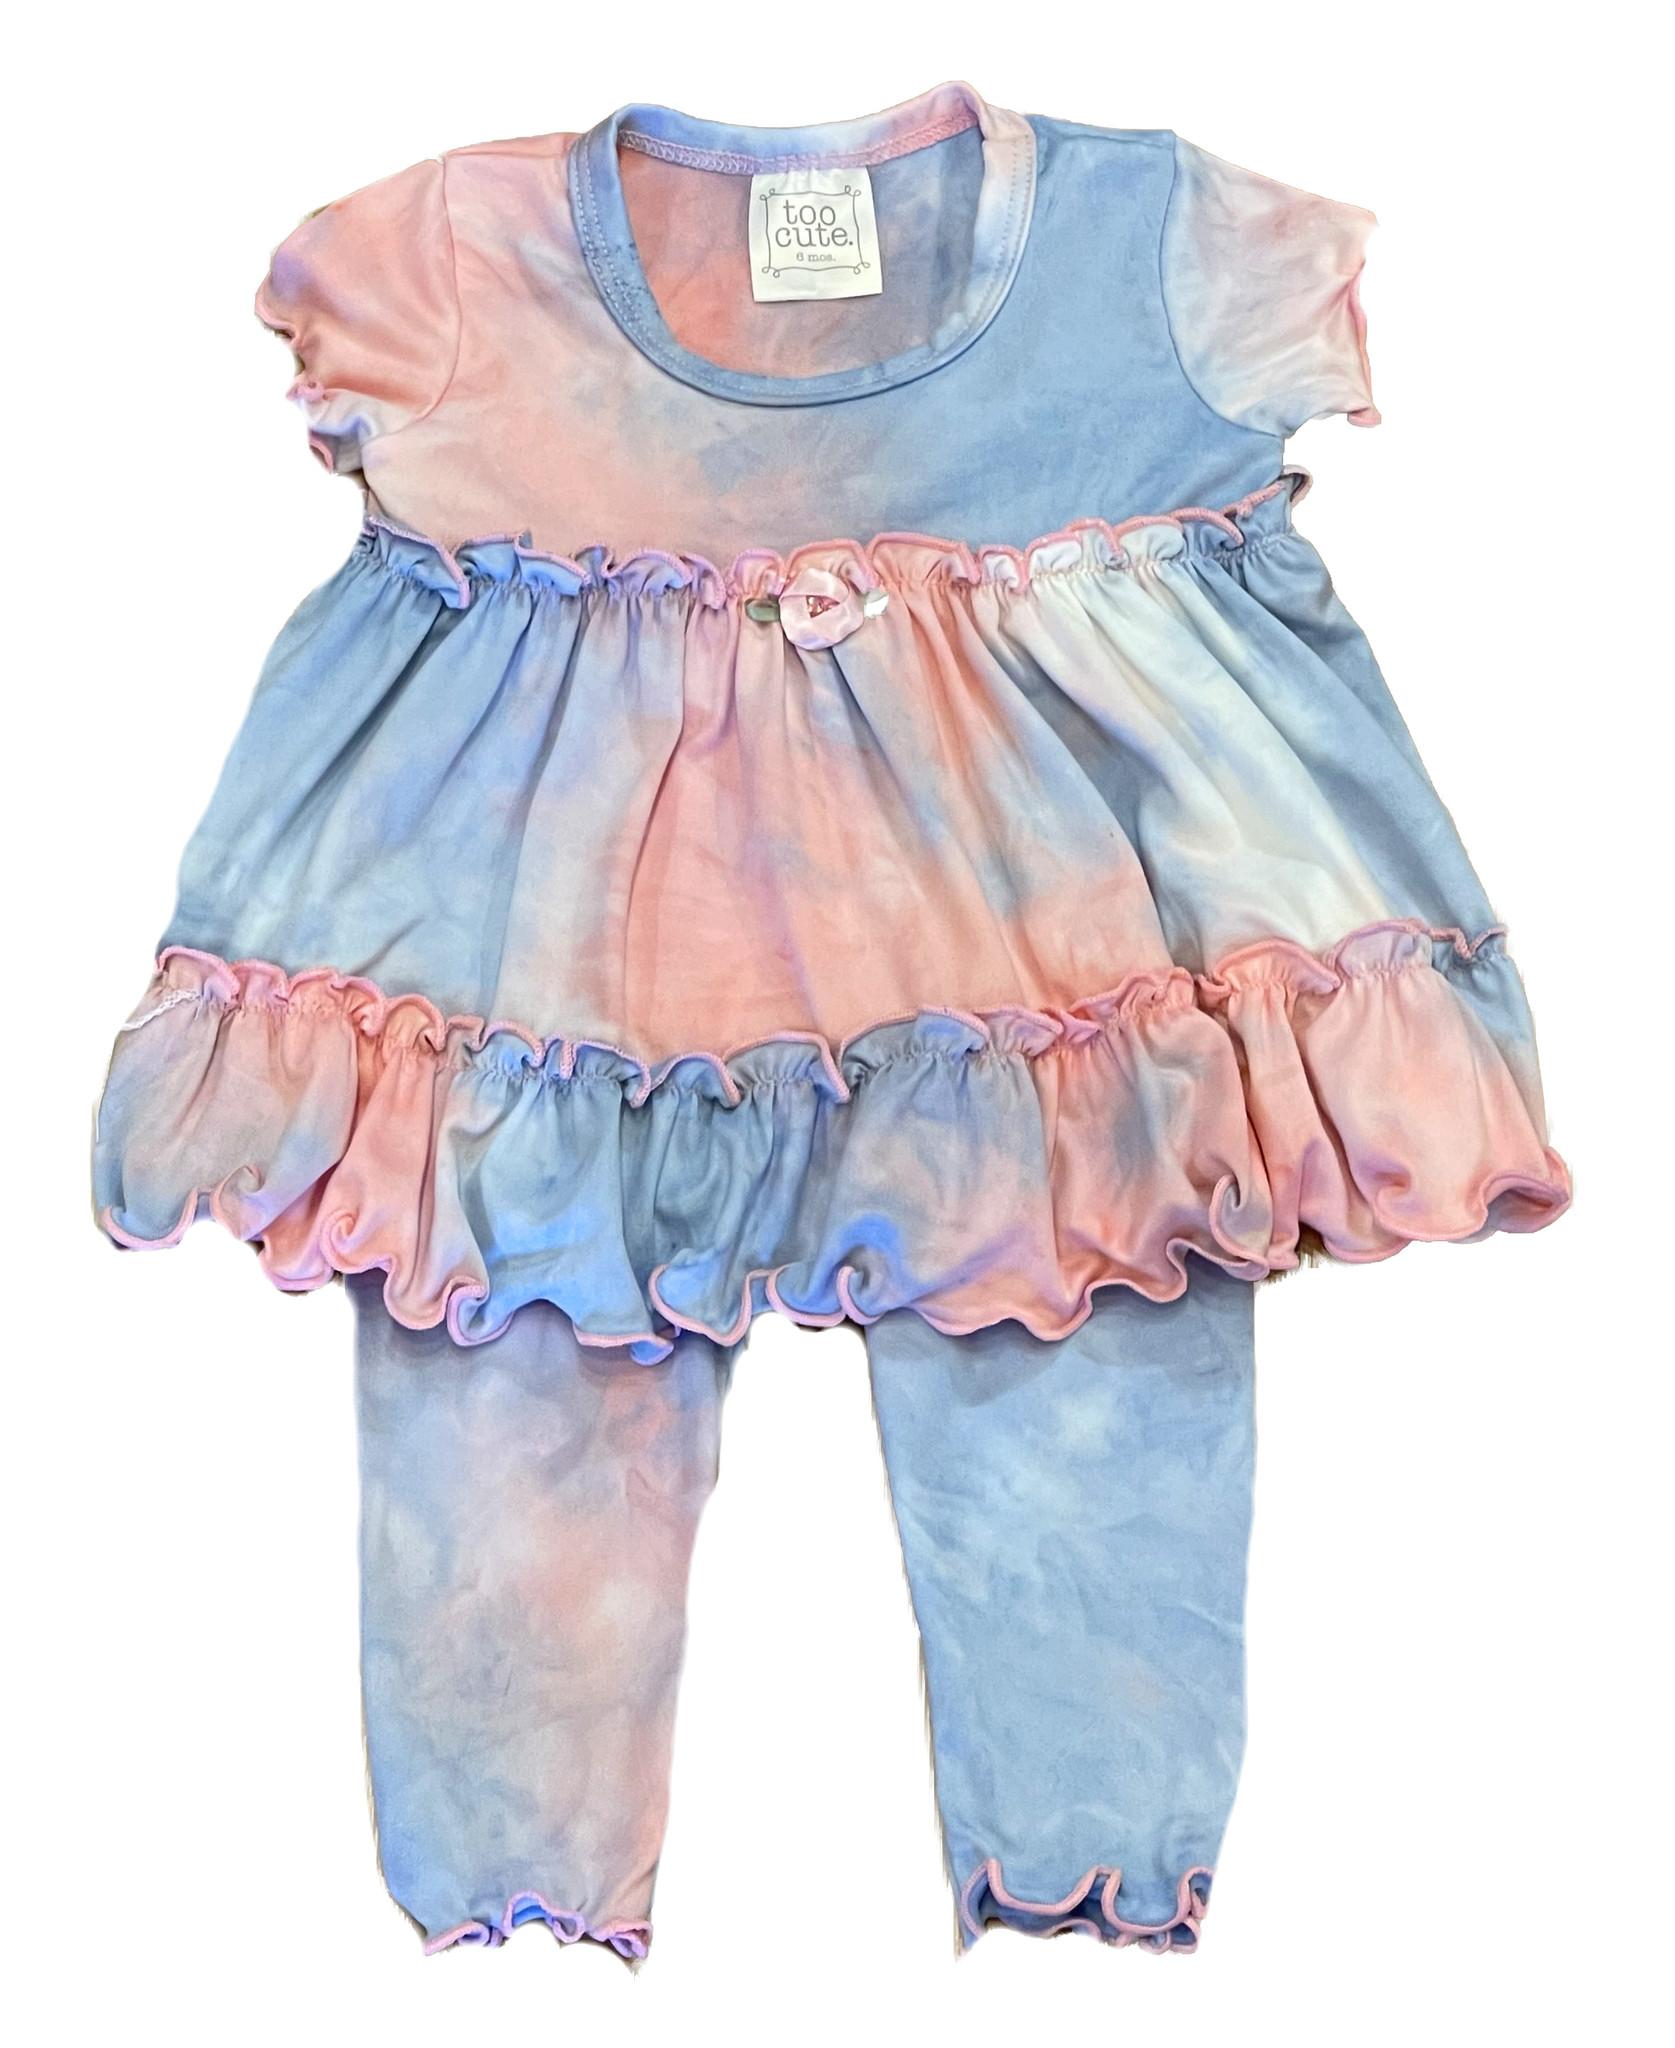 Too Cute Sweet Pink/Blue TD Ruffle Set